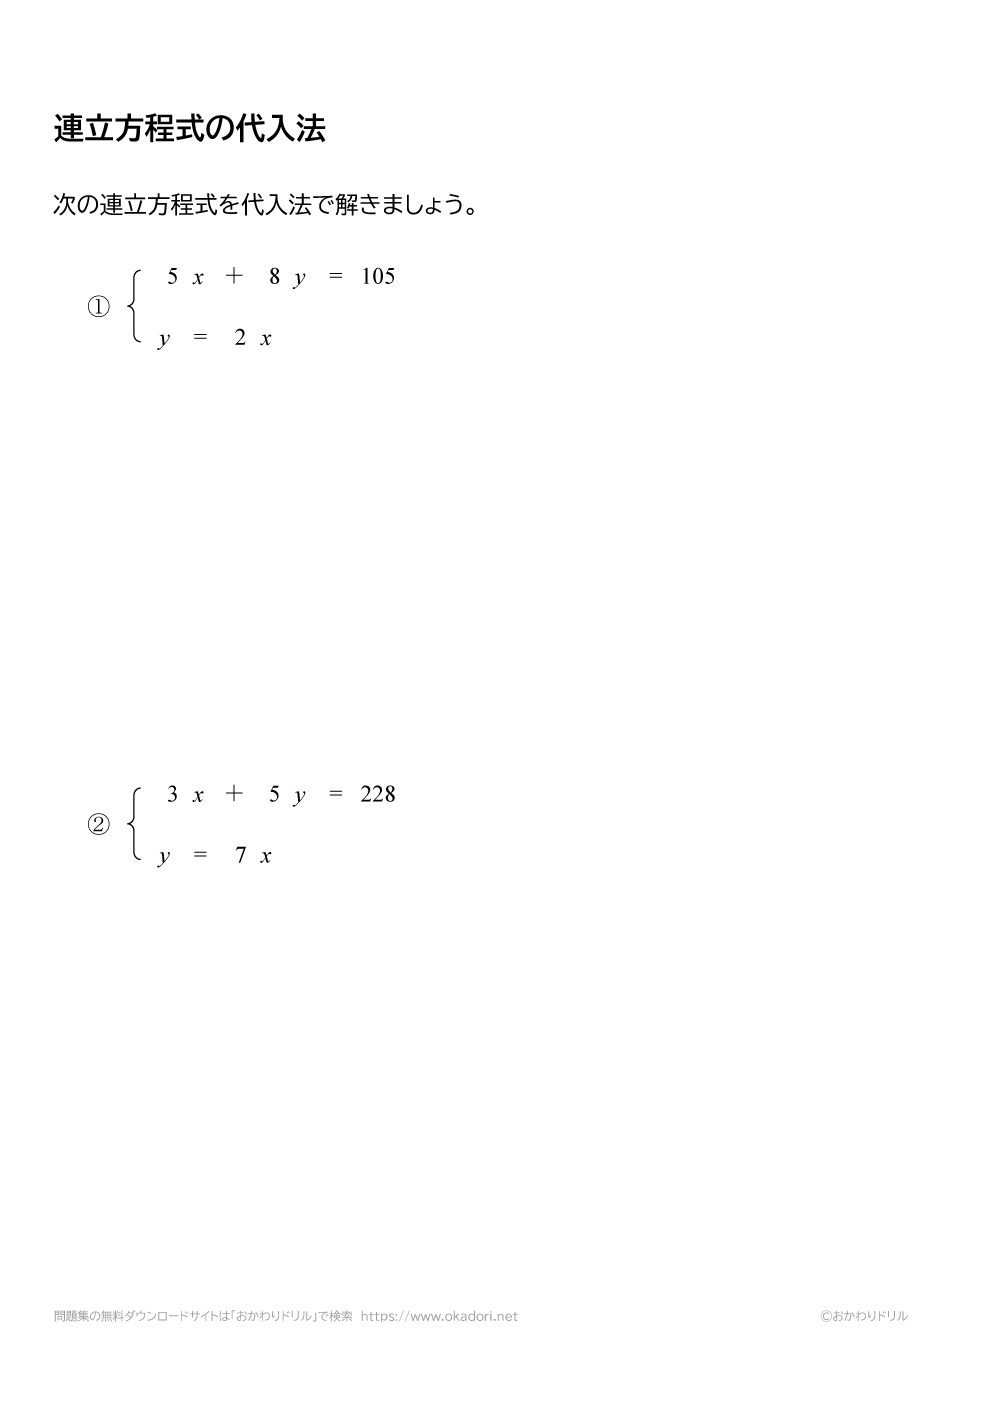 連立方程式を代入法で解く問題と答え5